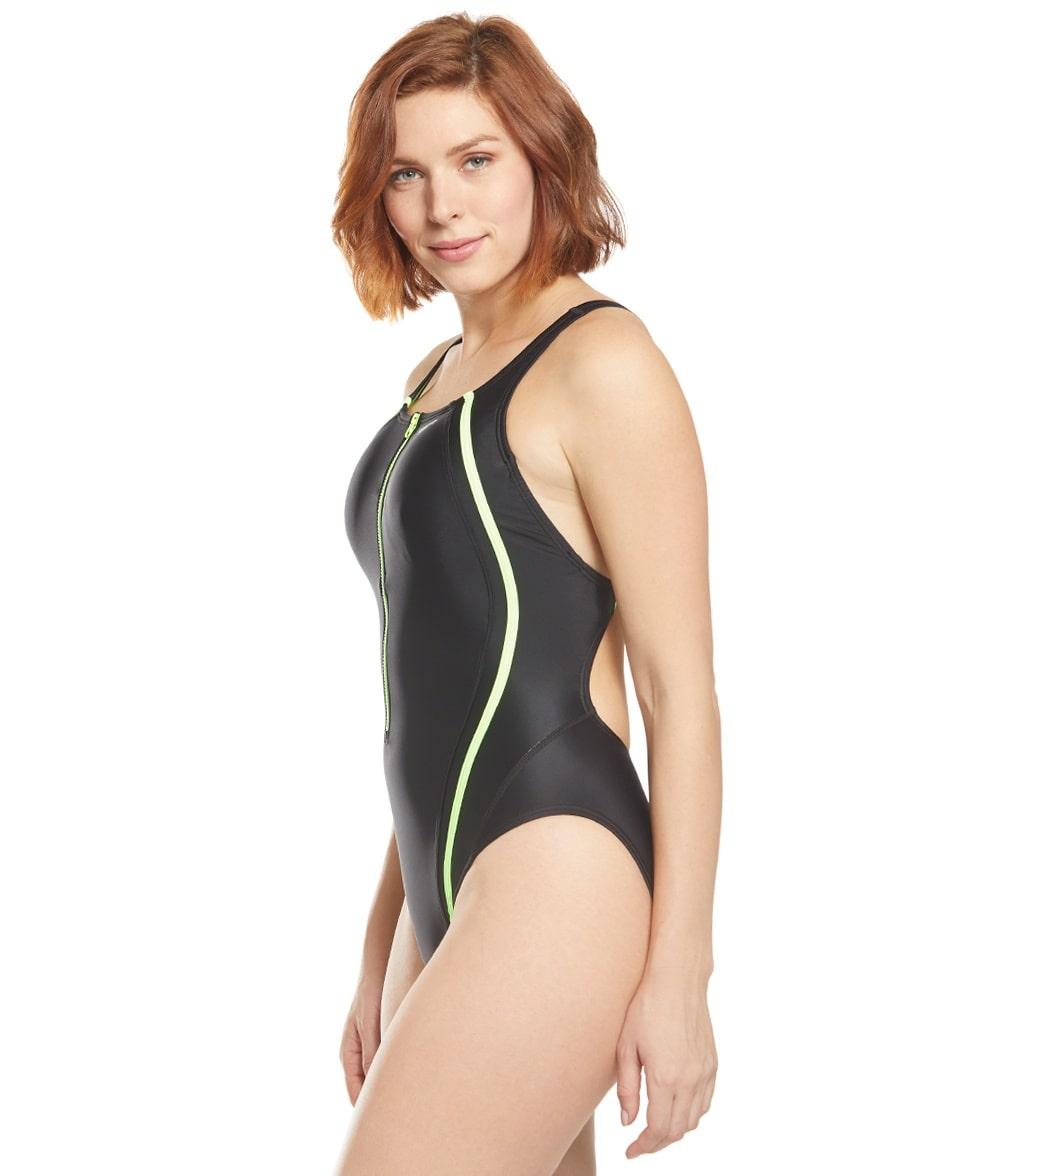 2d579405d043b Speedo Quantum Splice Zip One Piece Swimsuit at SwimOutlet.com ...